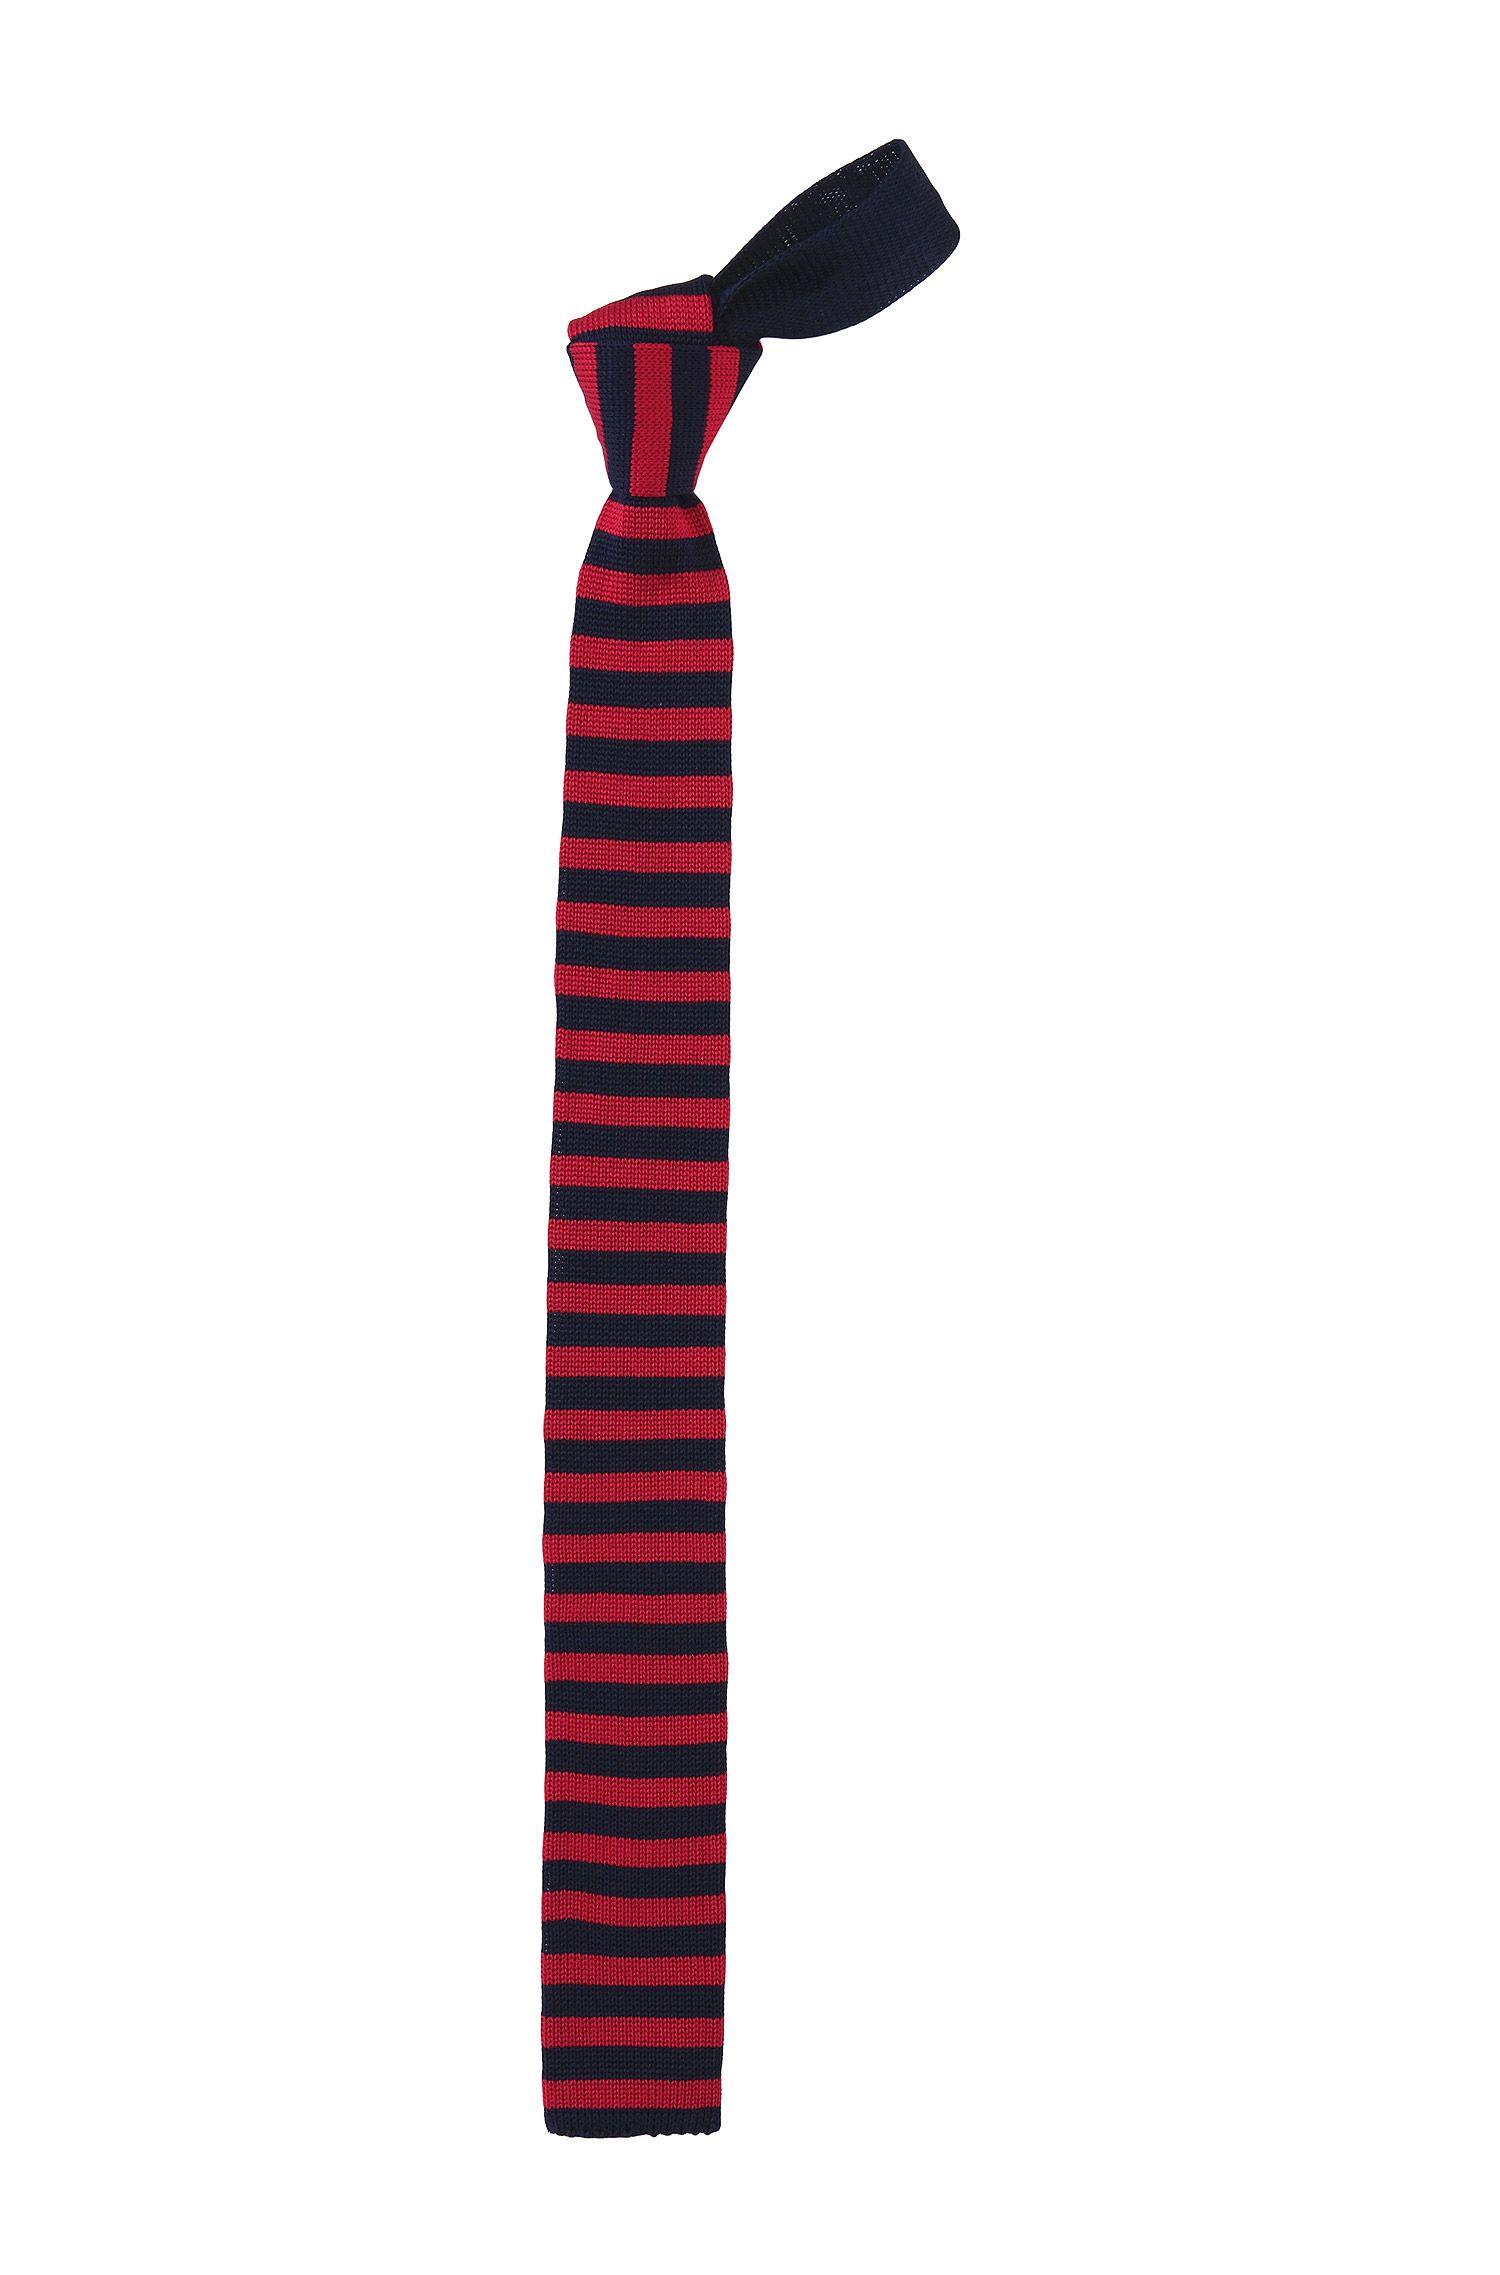 Krawatte ´Tie 5 cm knitted` aus Baumwollstrick